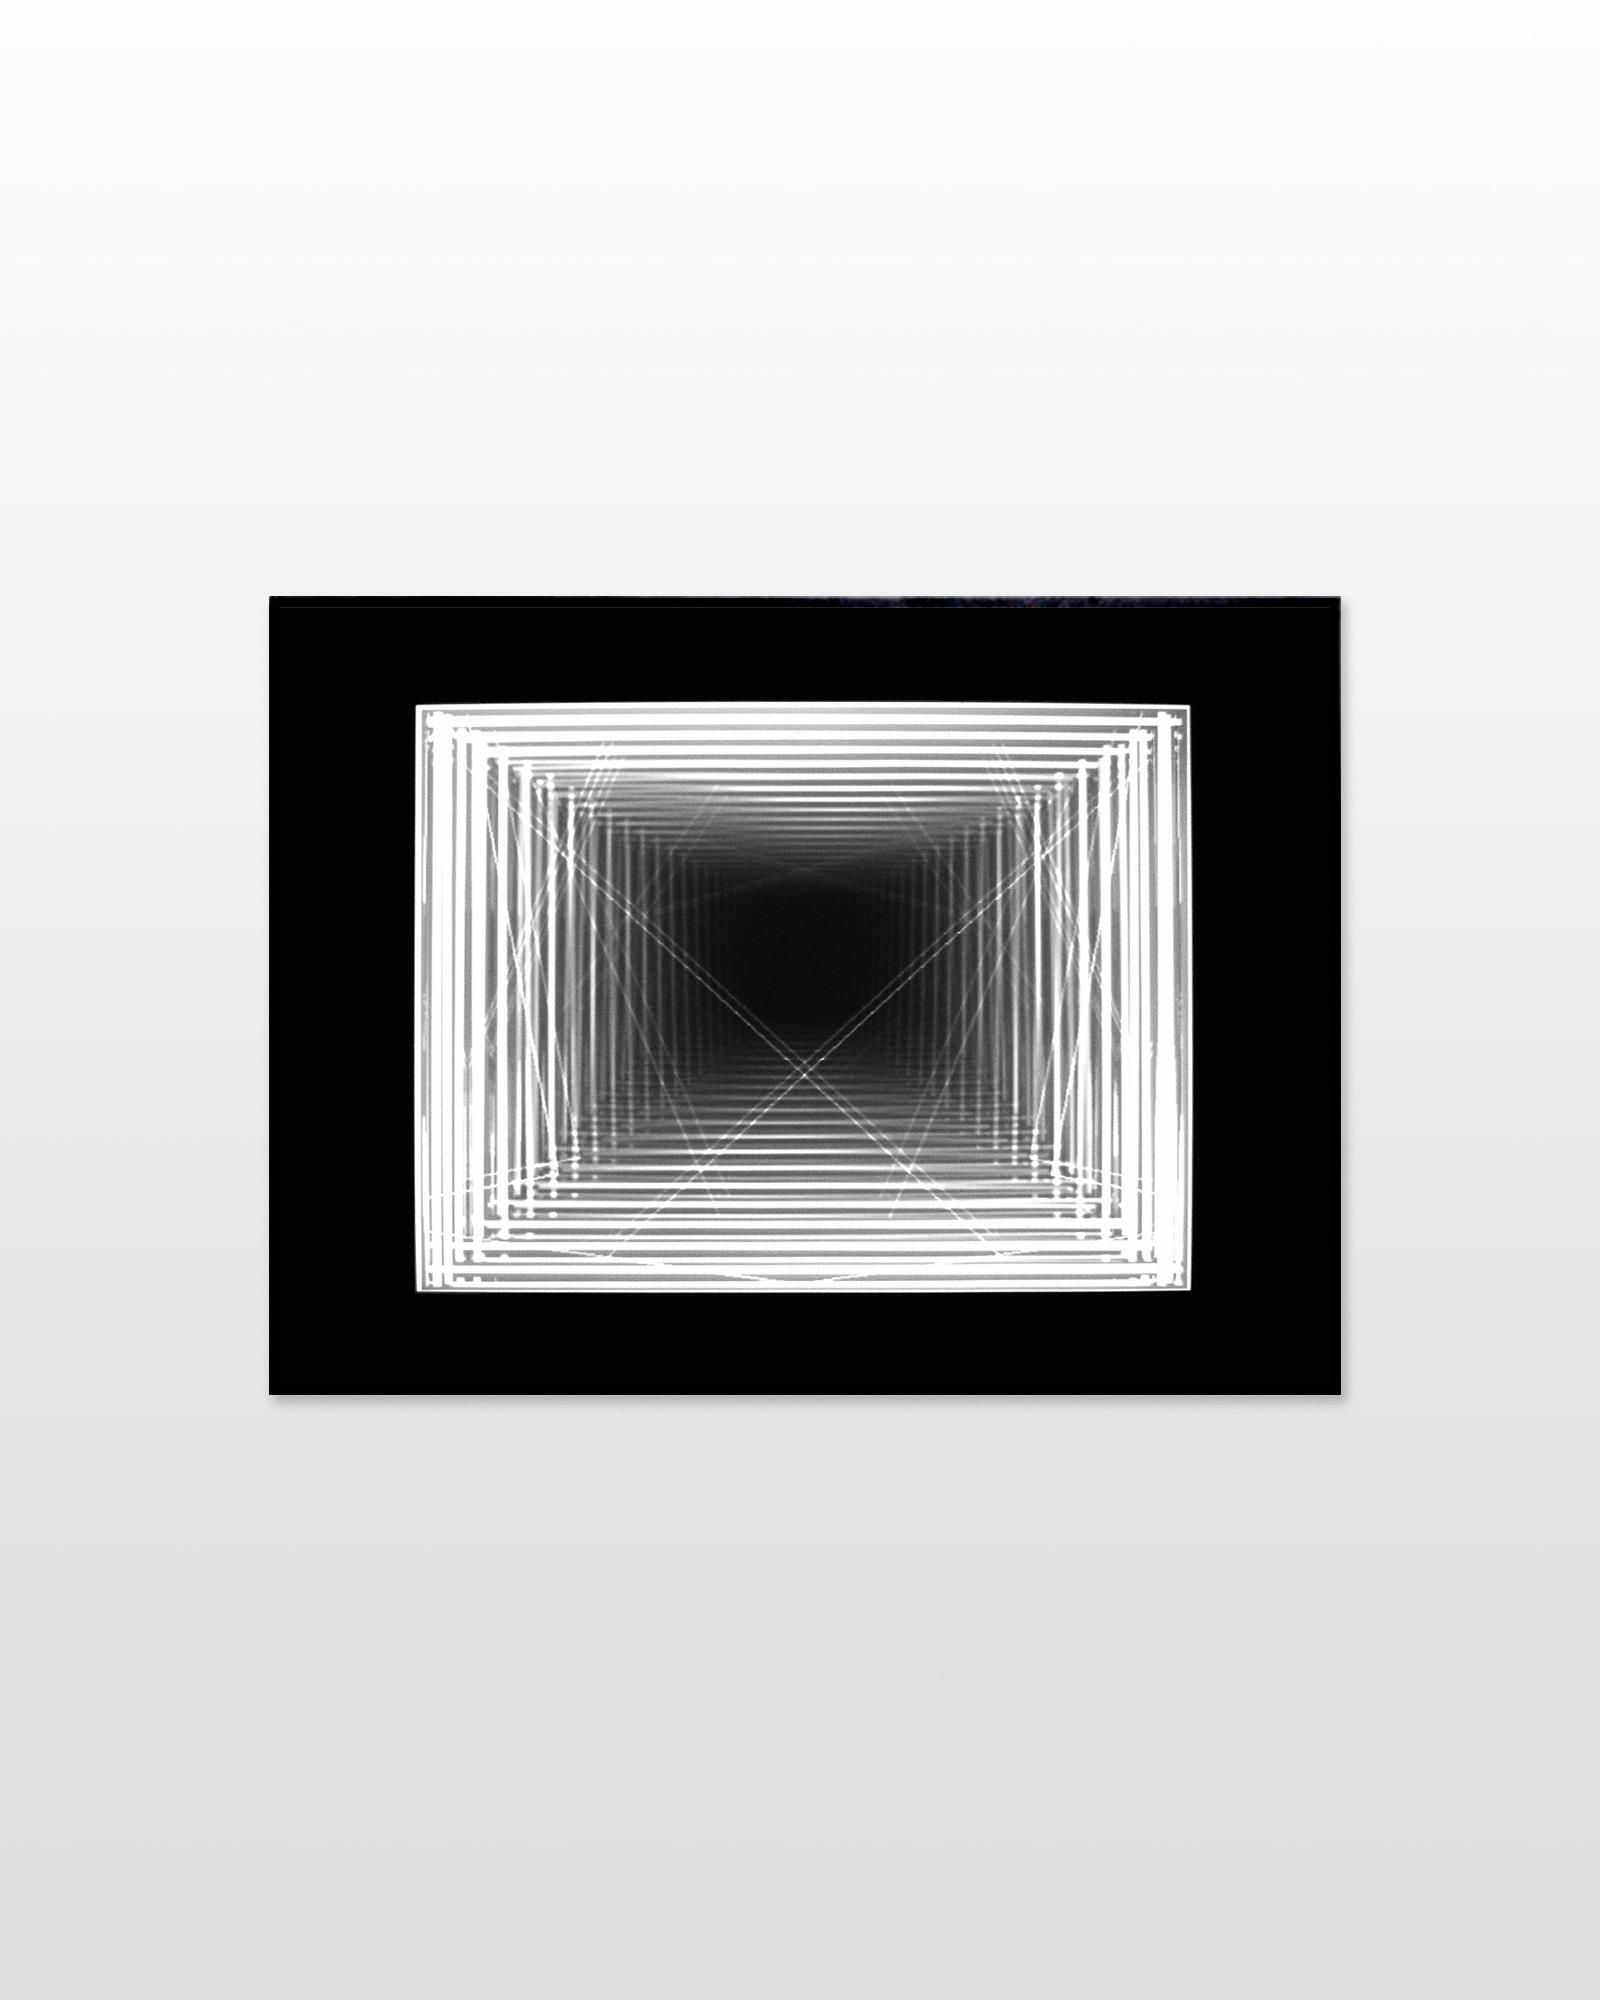 plakater-posters-kunsttryk, fotografier, giclee-tryk, new-media, abstrakte, geometriske, minimalistiske, monokrome, bevægelse, mønstre, videnskab, teknologi, sorte, grå, hvide, blæk, papir, abstrakte-former, smukke, sort-hvide, computer, terninger, kubisme, dansk, mørke, dekorative, design, digital, vandret, interiør, bolig-indretning, mandlig, moderne, nordisk, pixel, skandinavisk, Køb original kunst og kunstplakater. Malerier, tegninger, limited edition kunsttryk & plakater af dygtige kunstnere.